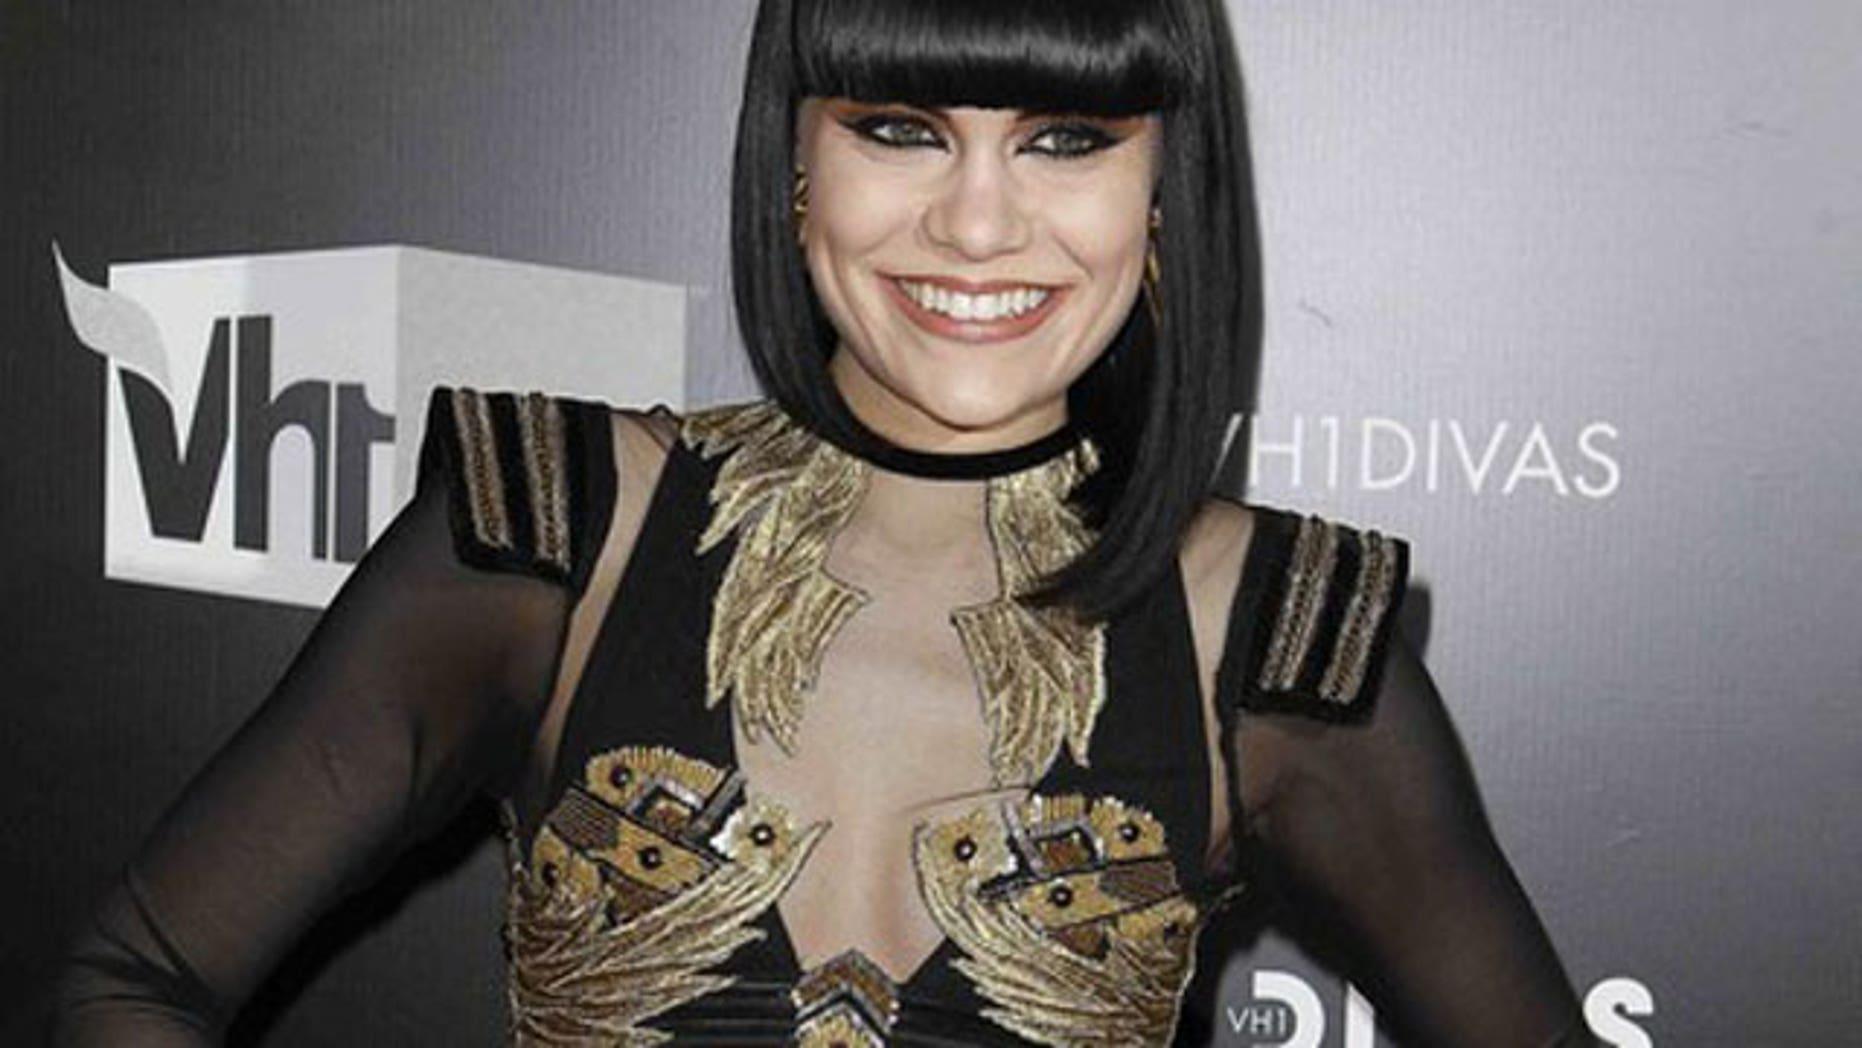 Dec. 18: Jessie J at the Vh1 Divas concert. (Reuters)